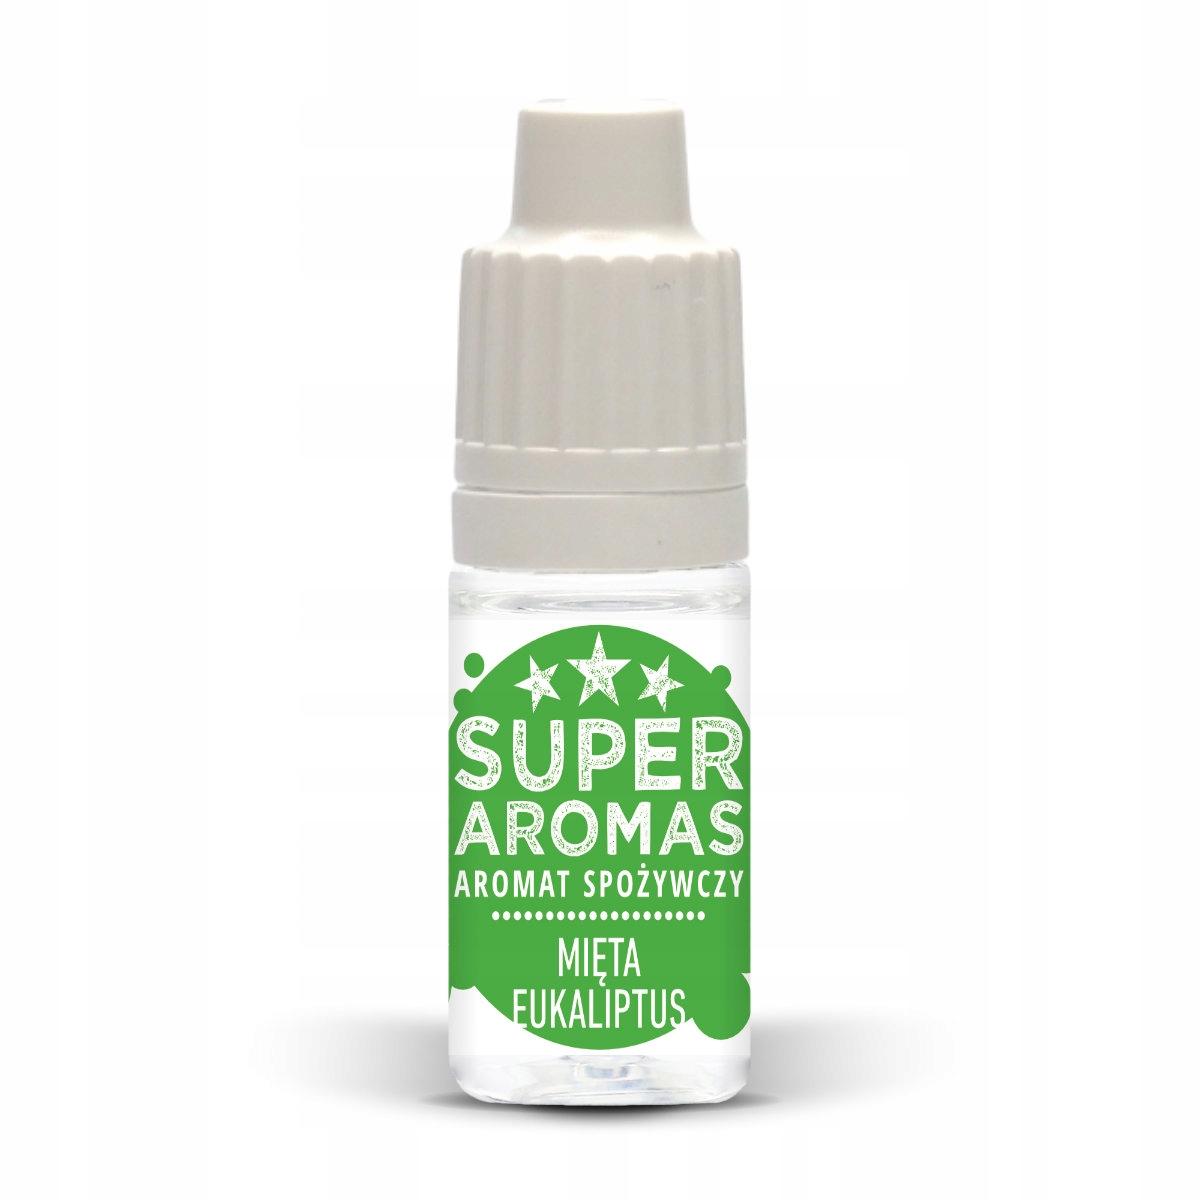 SUPER AROMAS aromat mięta eukaliptus 10 ml